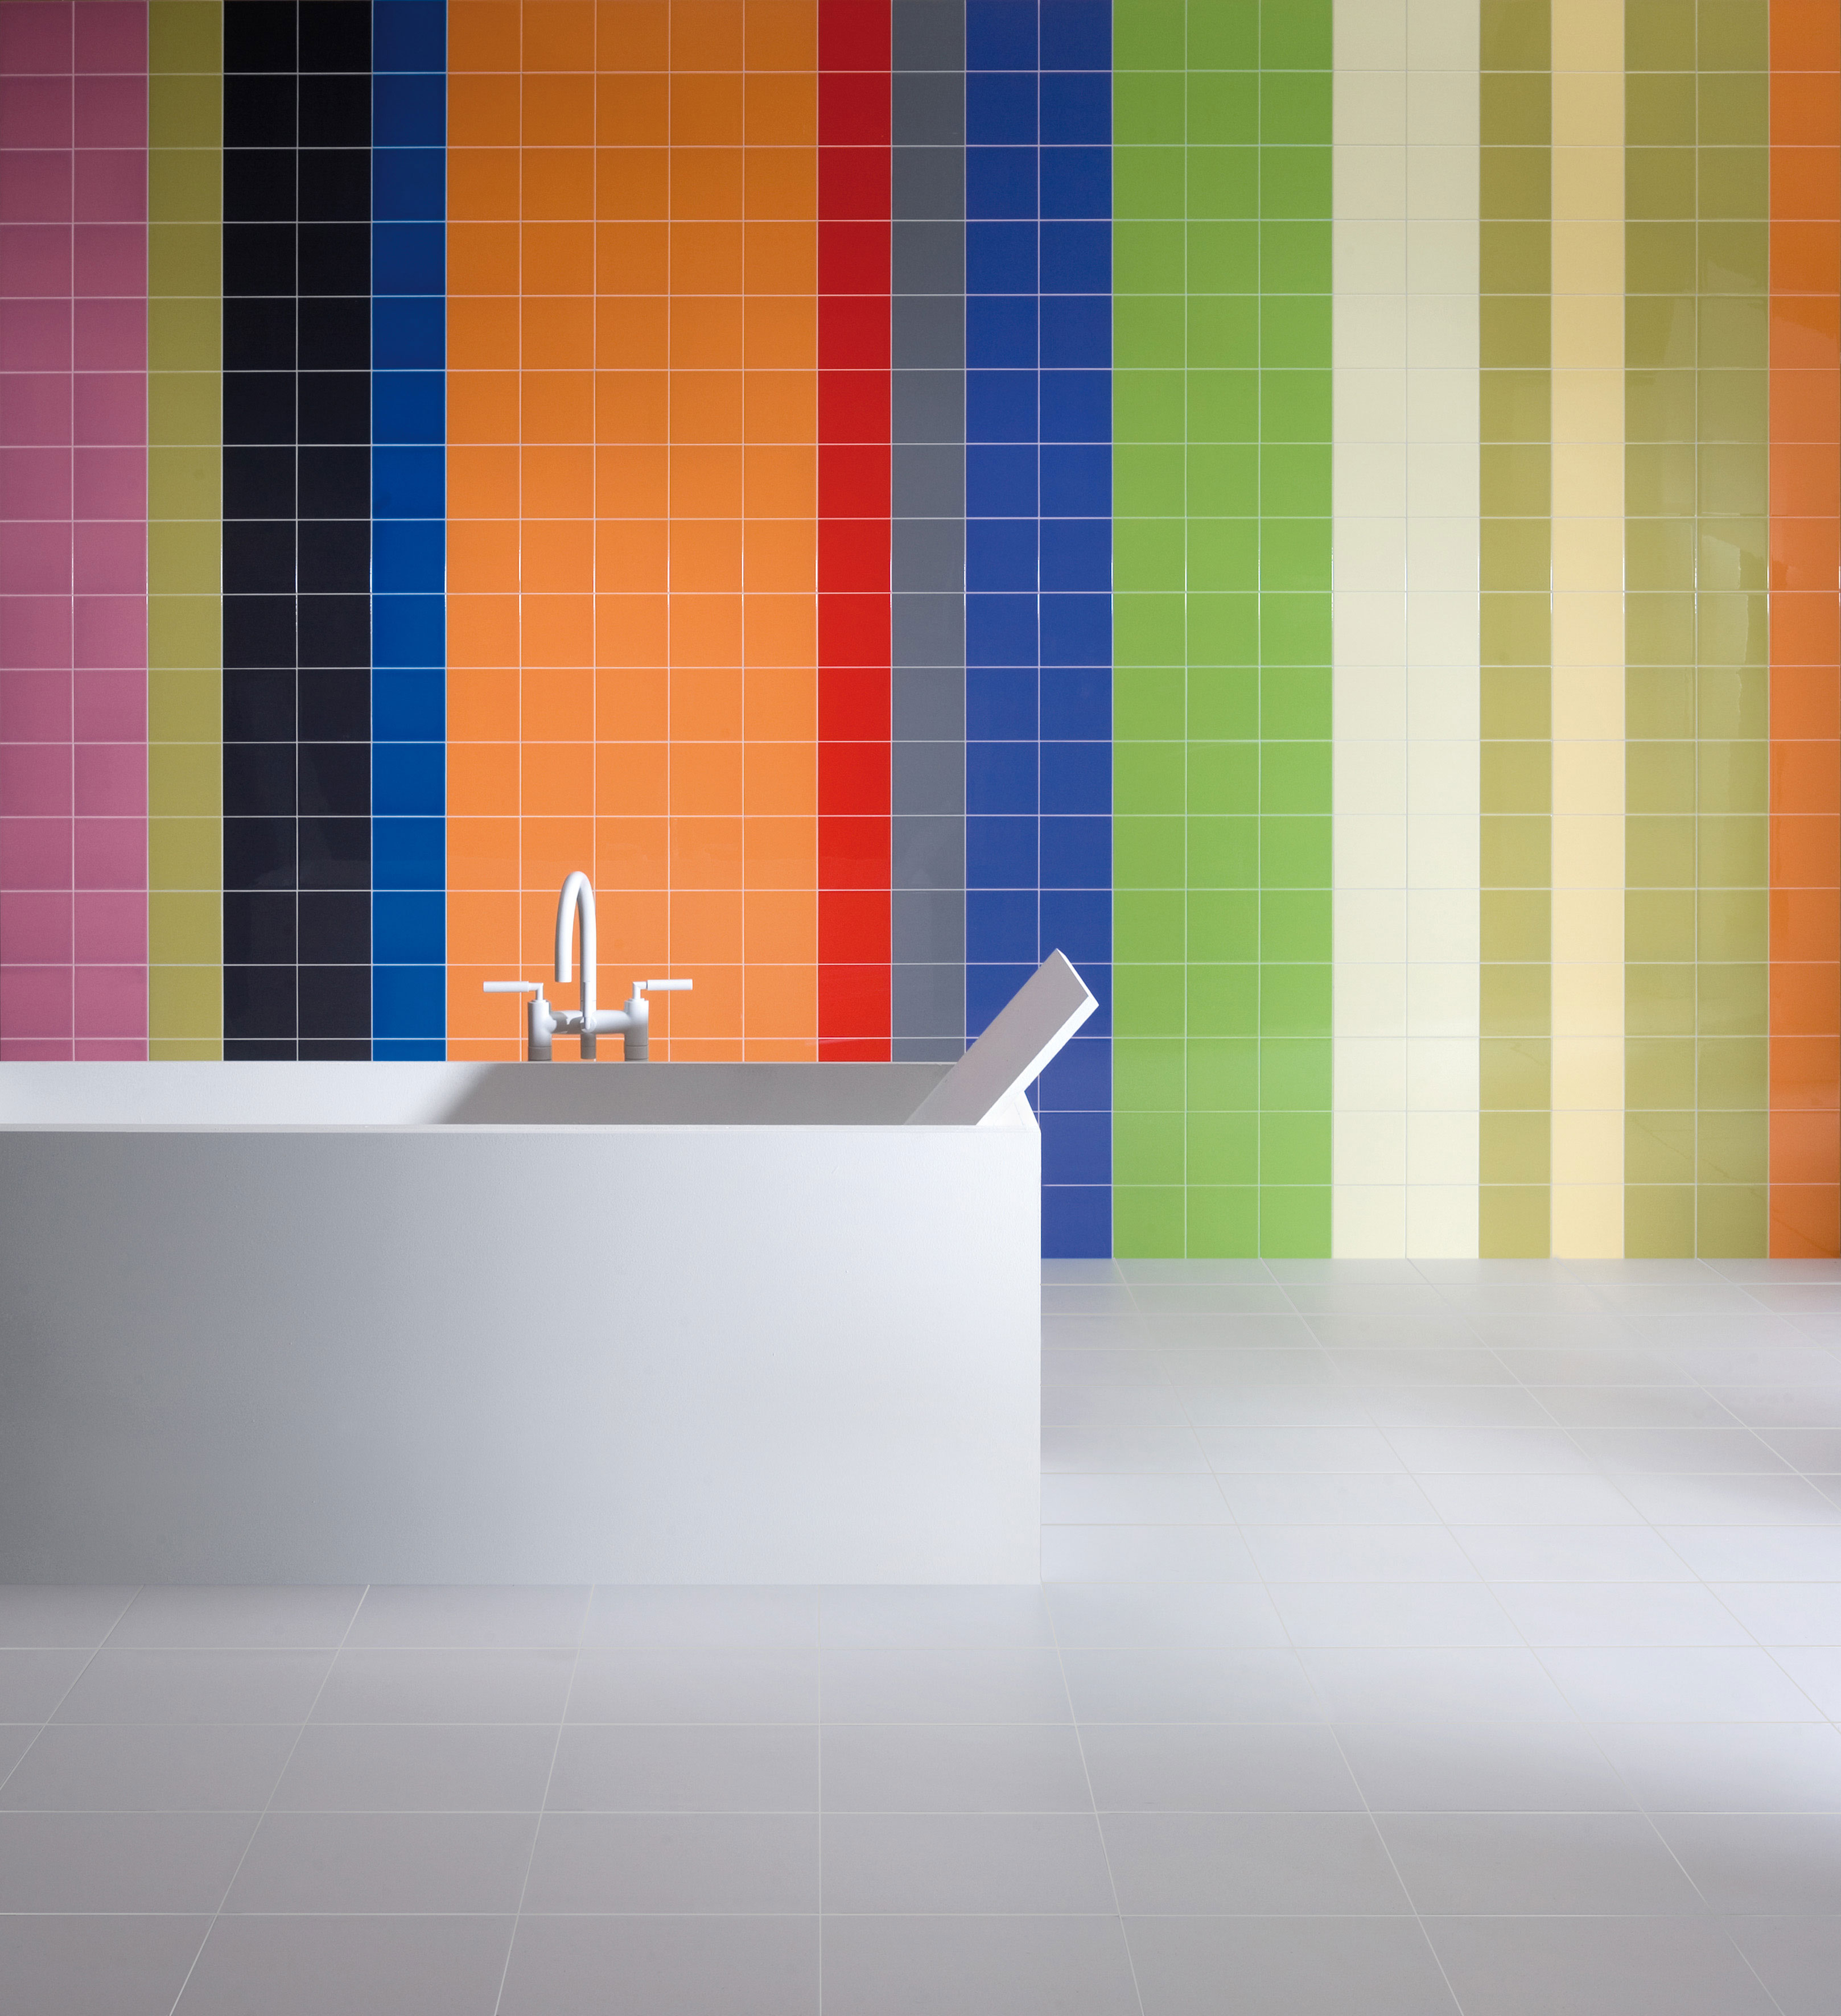 itail-prescripcion-soluciones-mosa-colors-